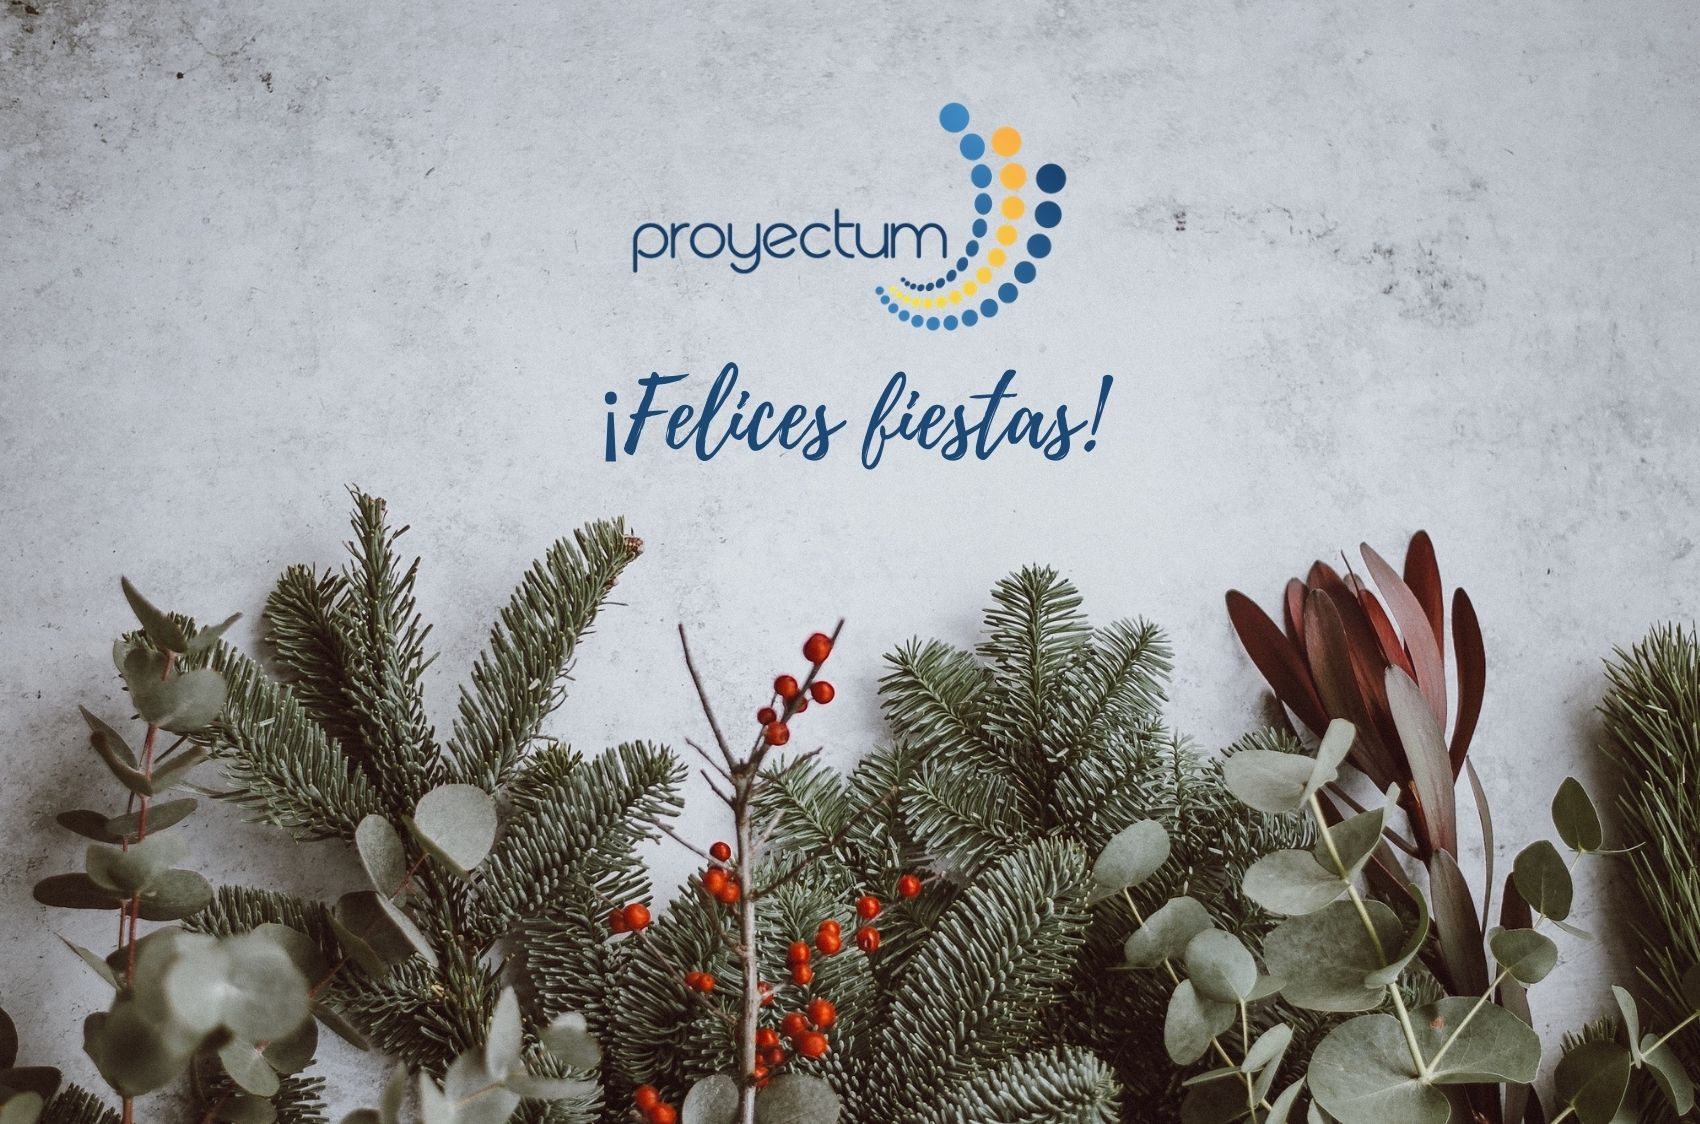 Proyectum Felices Fiestas